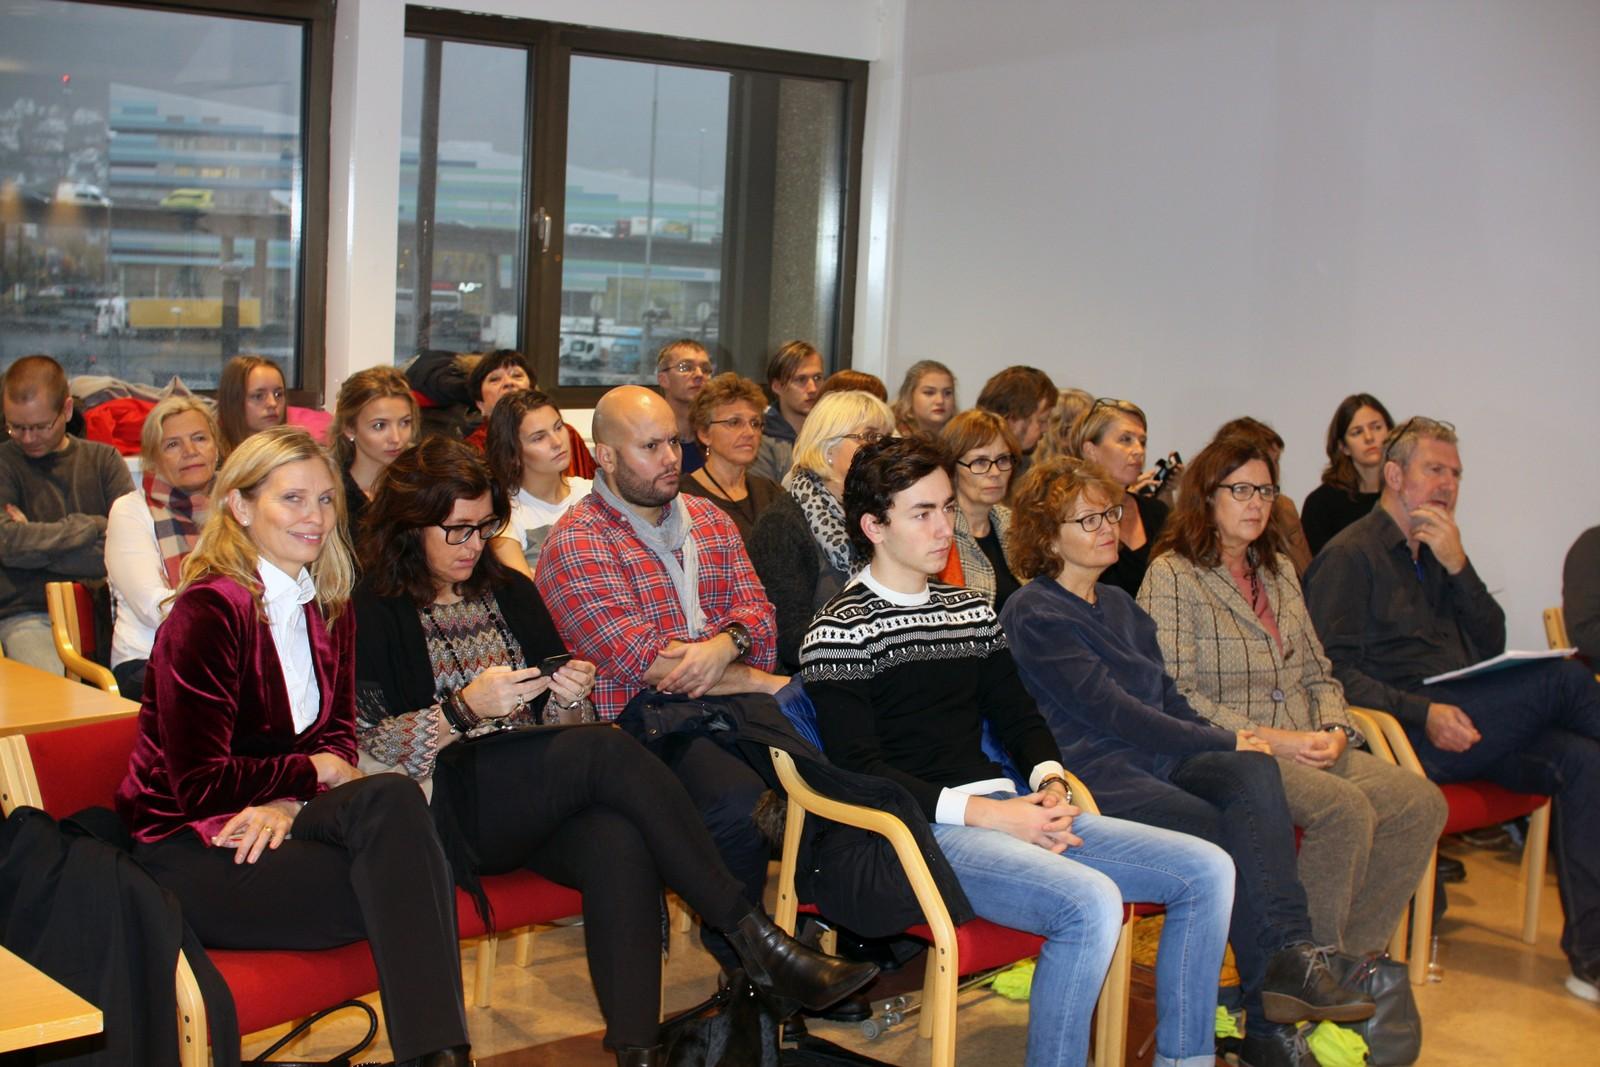 Publikum: Fylkesadministrasjonen måtte tirsdag sette avgrensninger på hvor mange som fikk være med på møtet i opplæringsutvalget. Mange av elevene ønsket å være publikum på møtet.